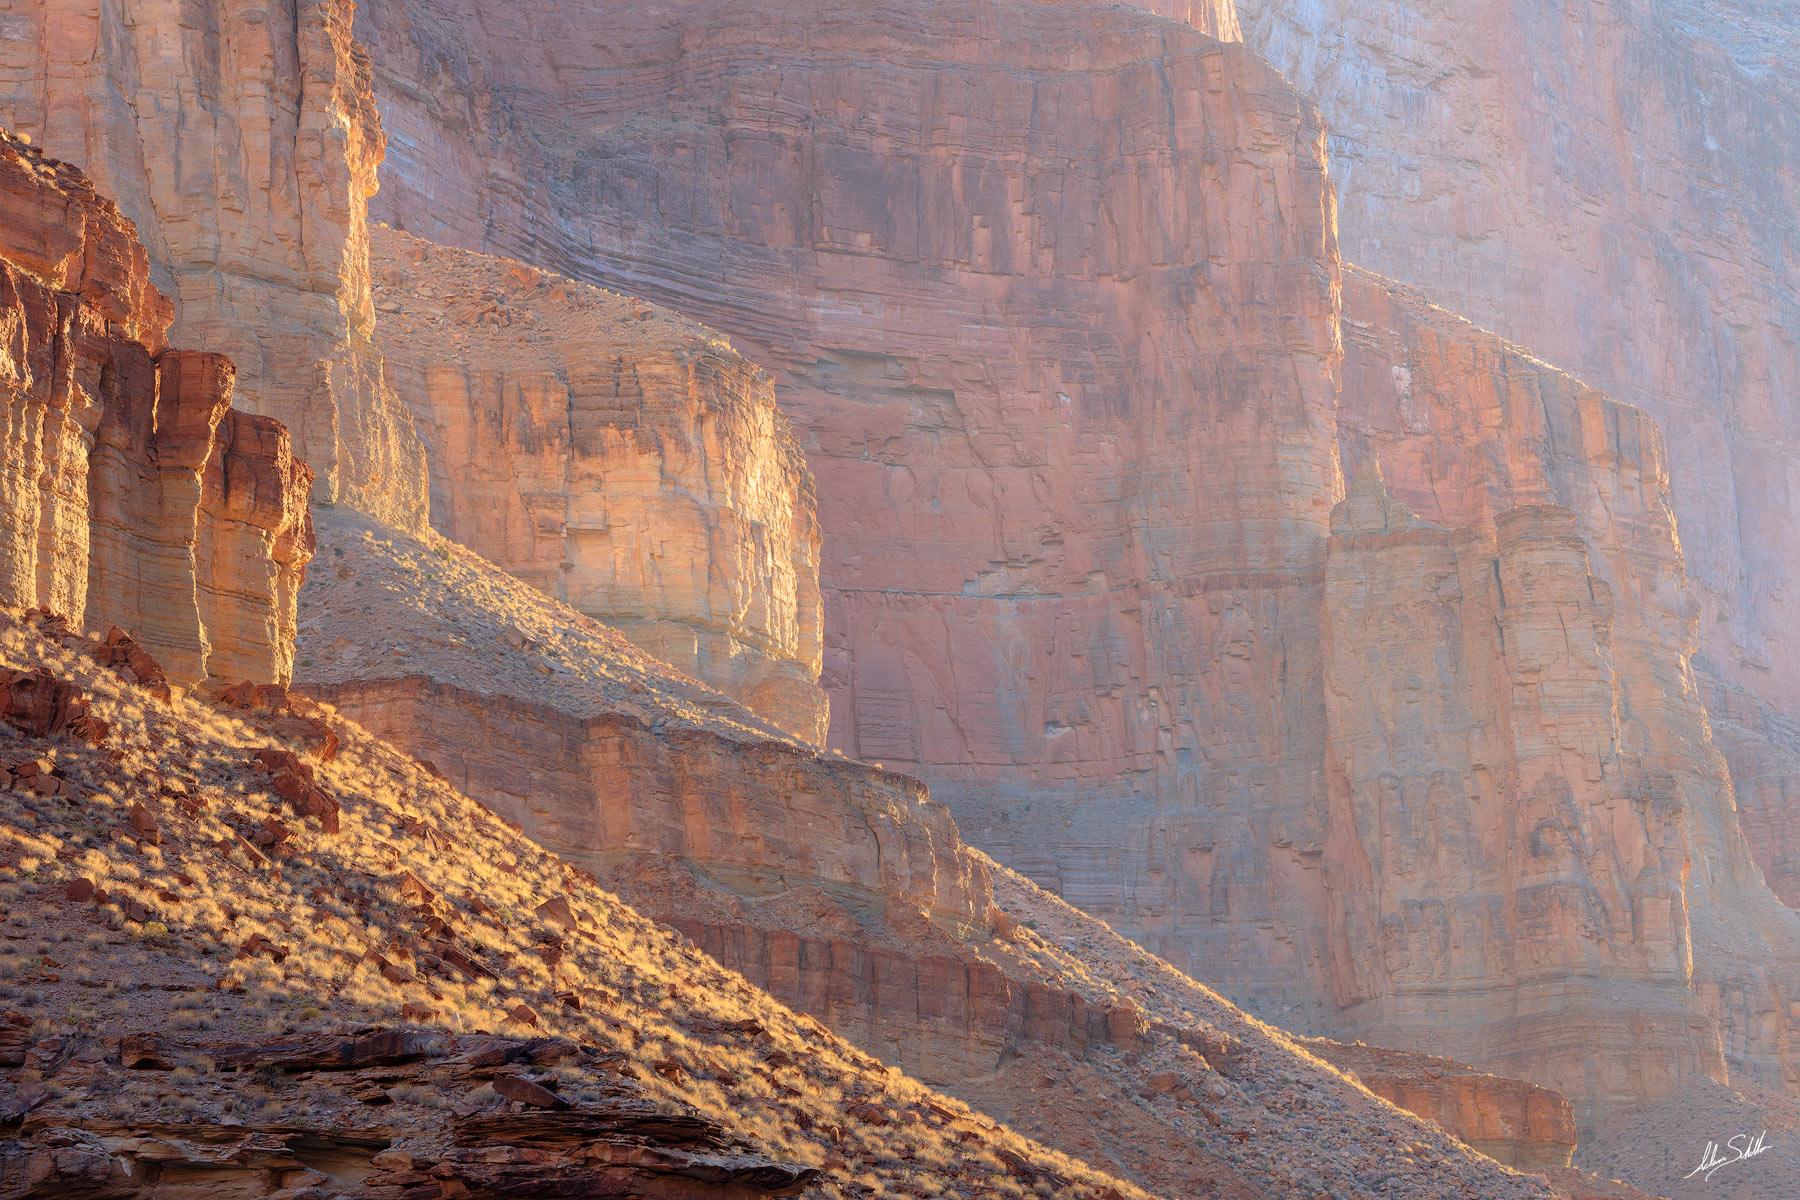 Arizona, Below the Rim, Colorado River, Conquistador Aisle, Grand Canyon, National Park, River Trip, photo